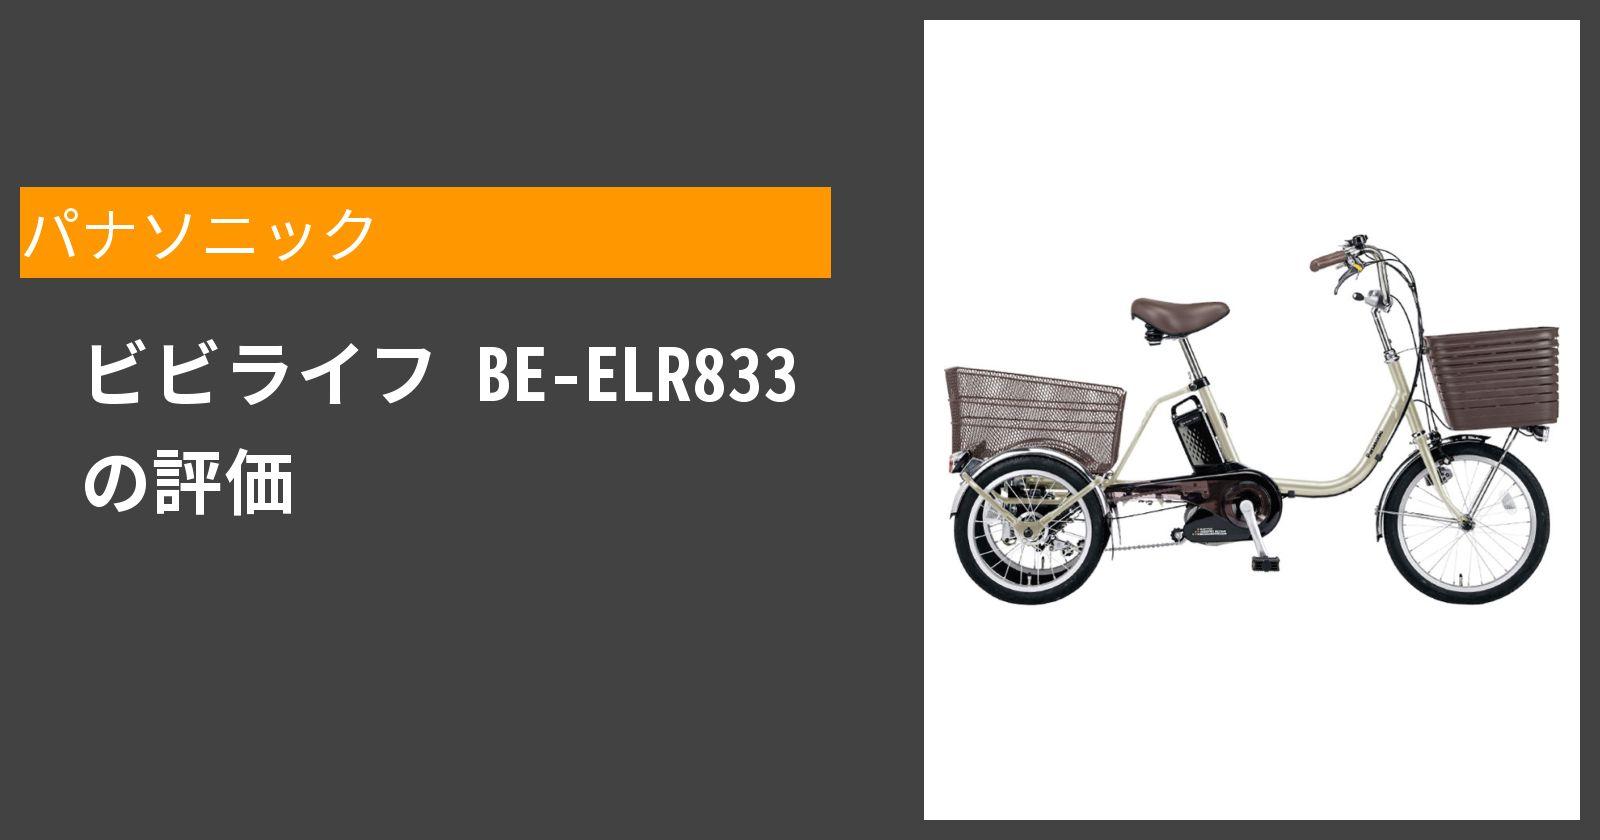 ビビライフ BE-ELR833を徹底評価